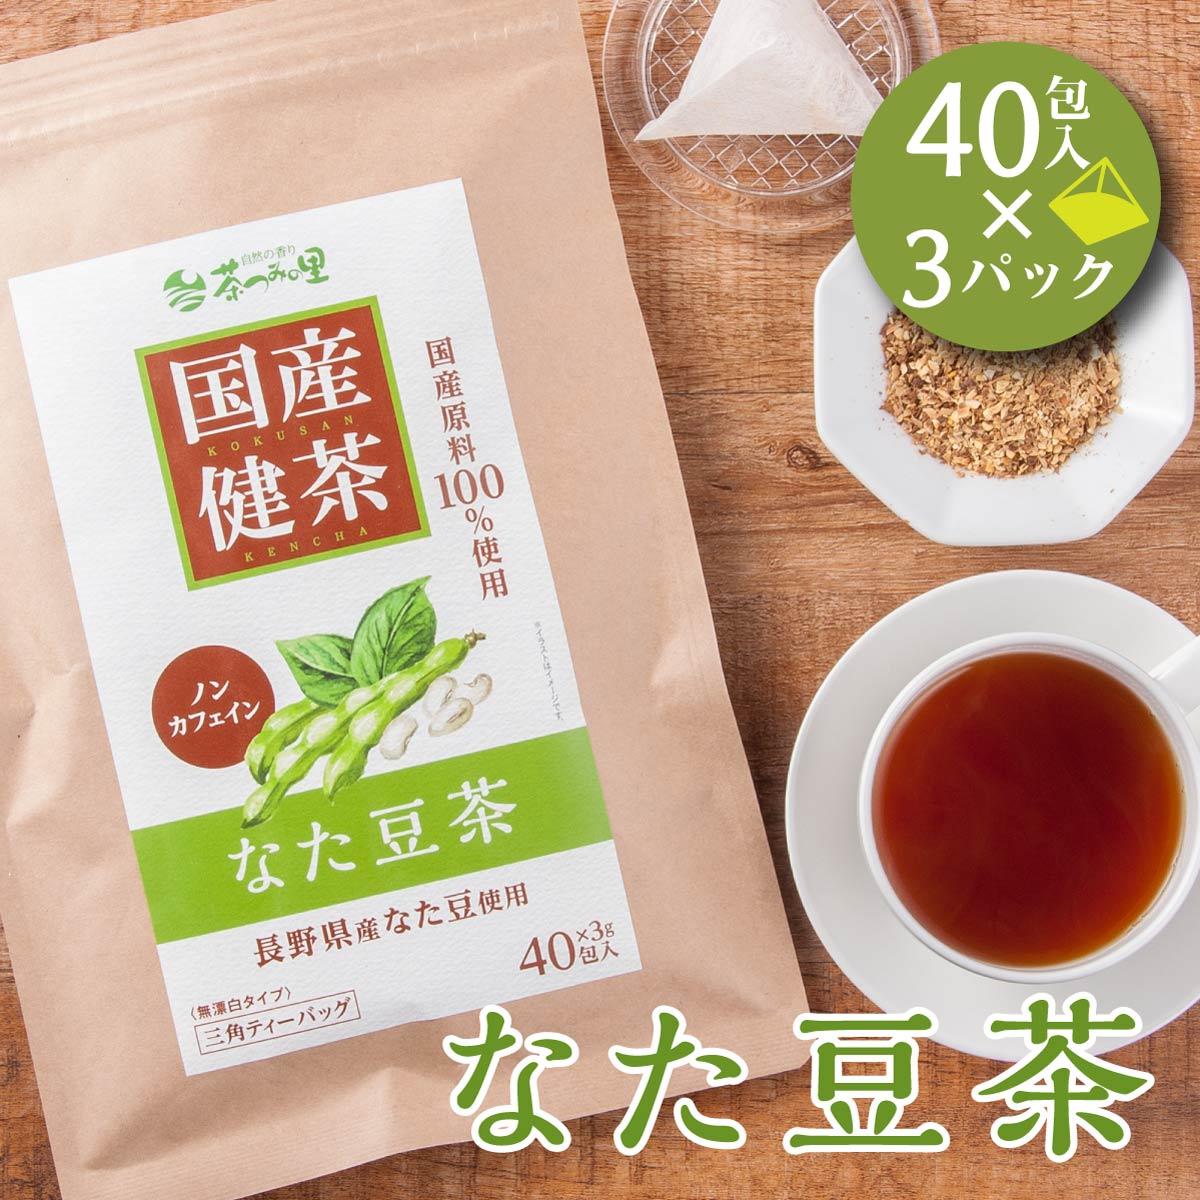 【送料無料】国産 なた豆茶 ティーバッグ (3g×40包入×3パック)